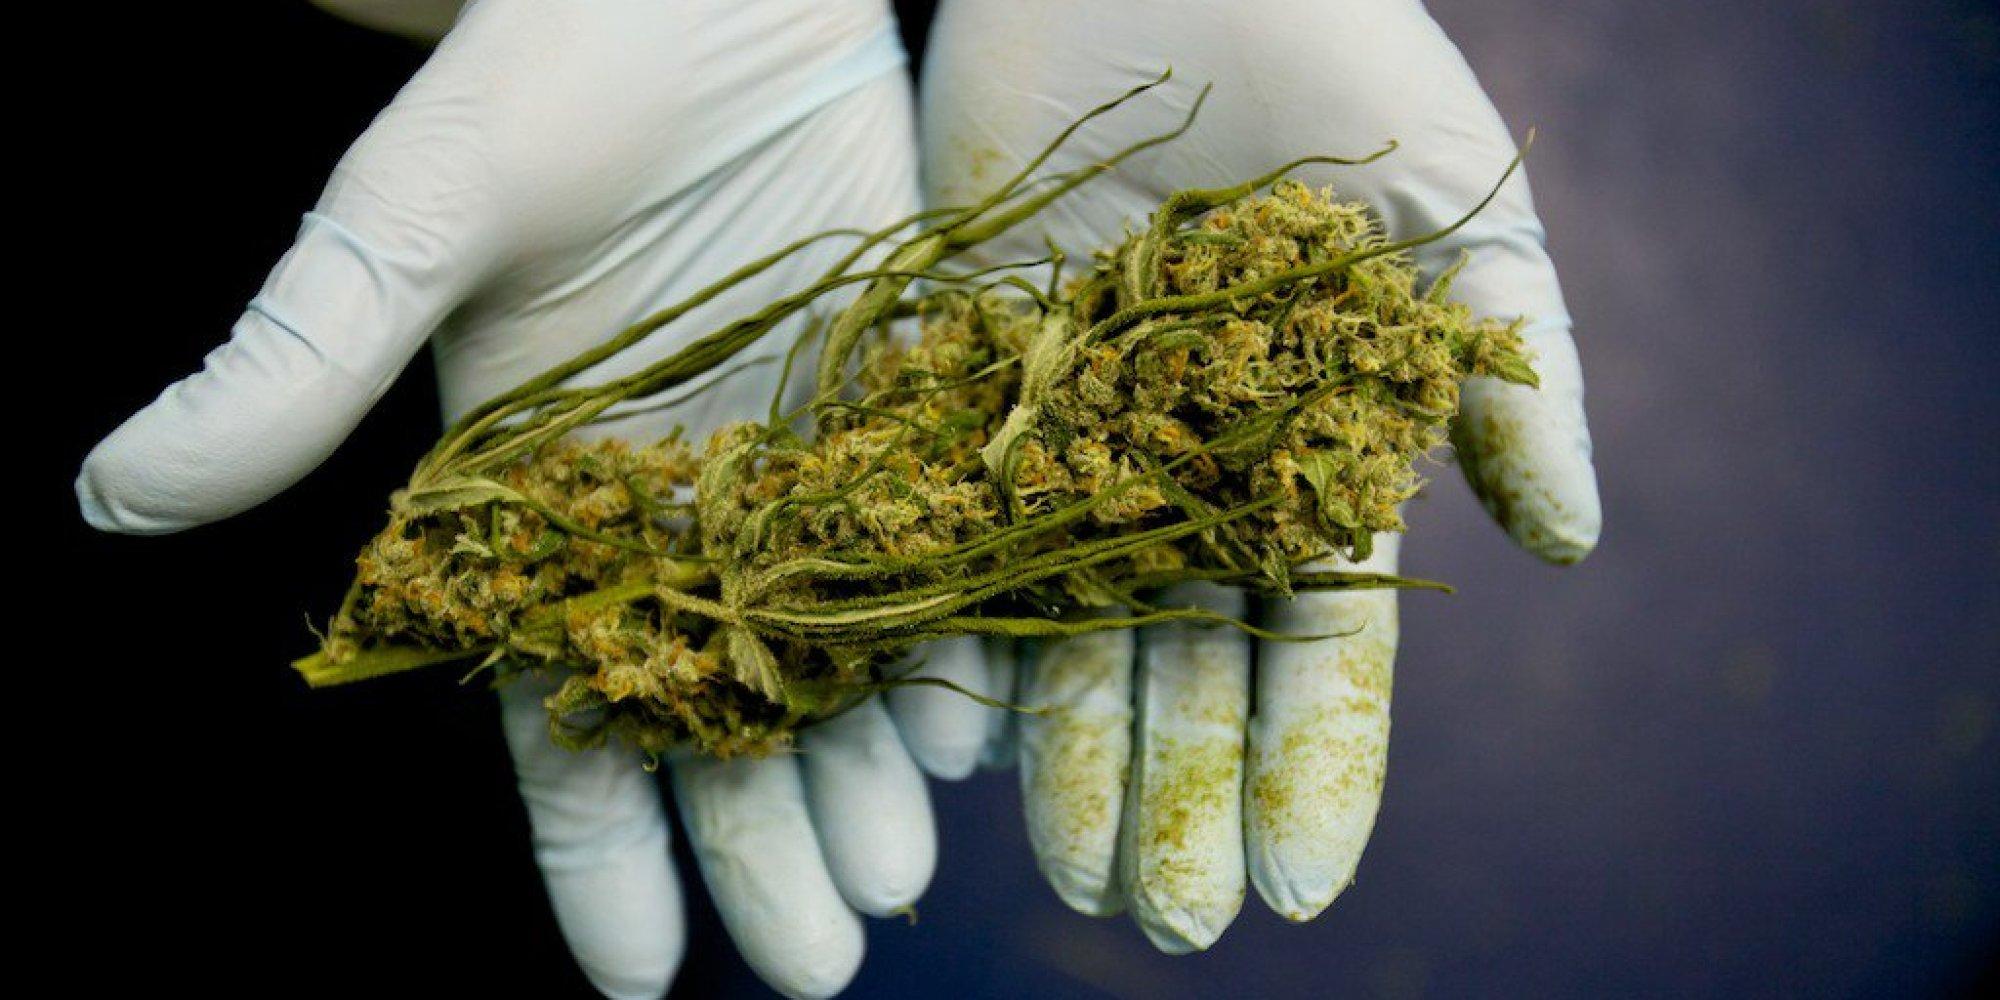 La OMS avala el cannabis medicinal: afirma que no es una droga